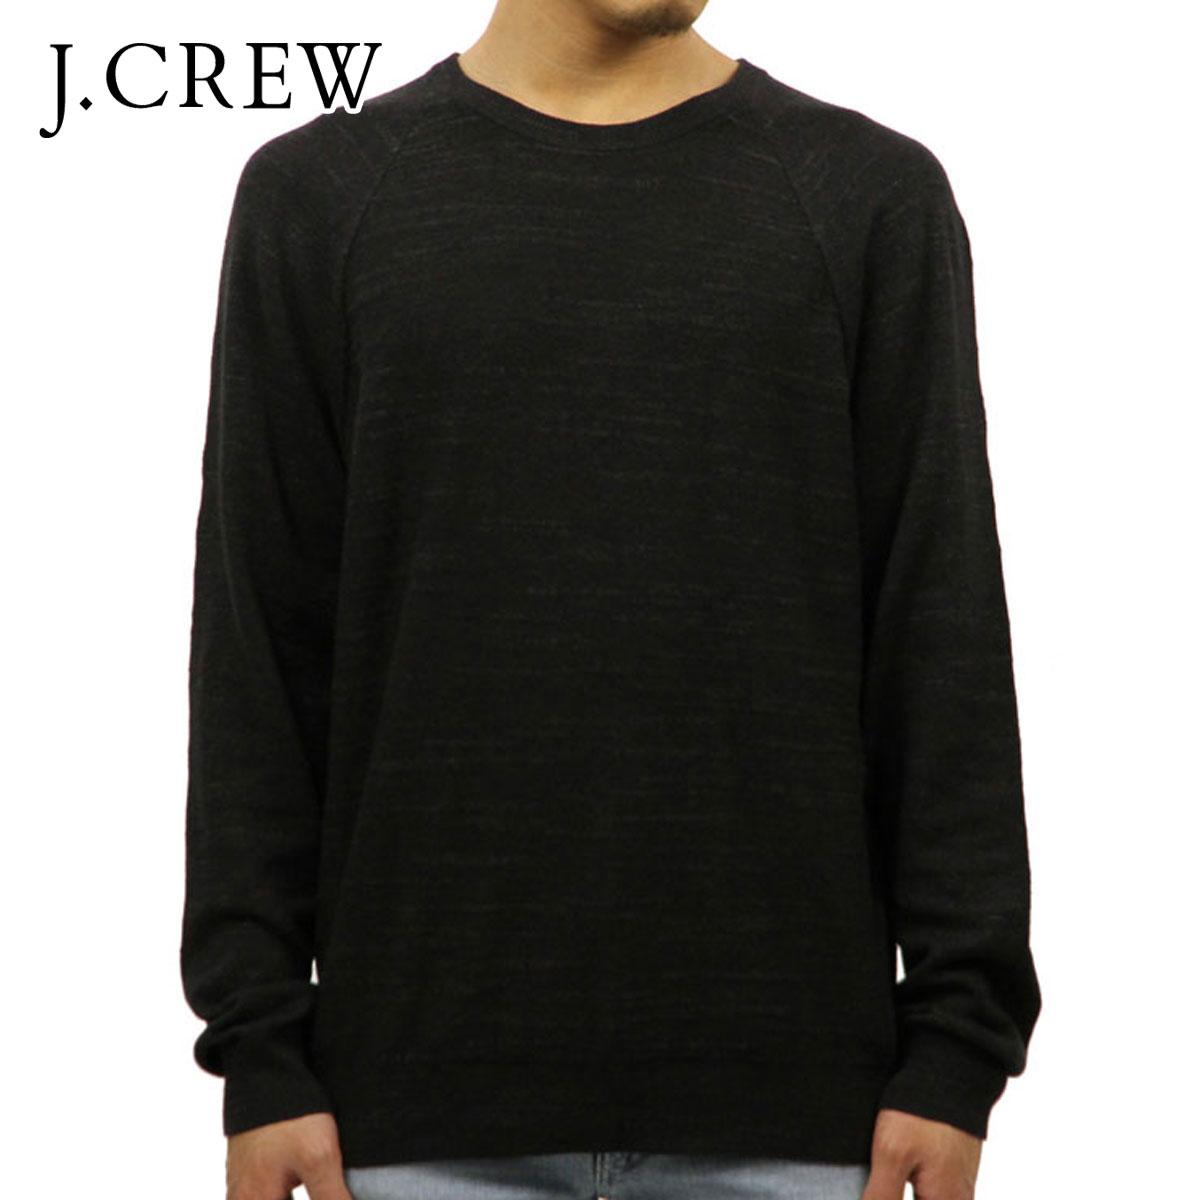 ジェイクルー J.CREW 正規品 メンズ セーター TEXTURED COTTON CREWNECK SWEATER f9518